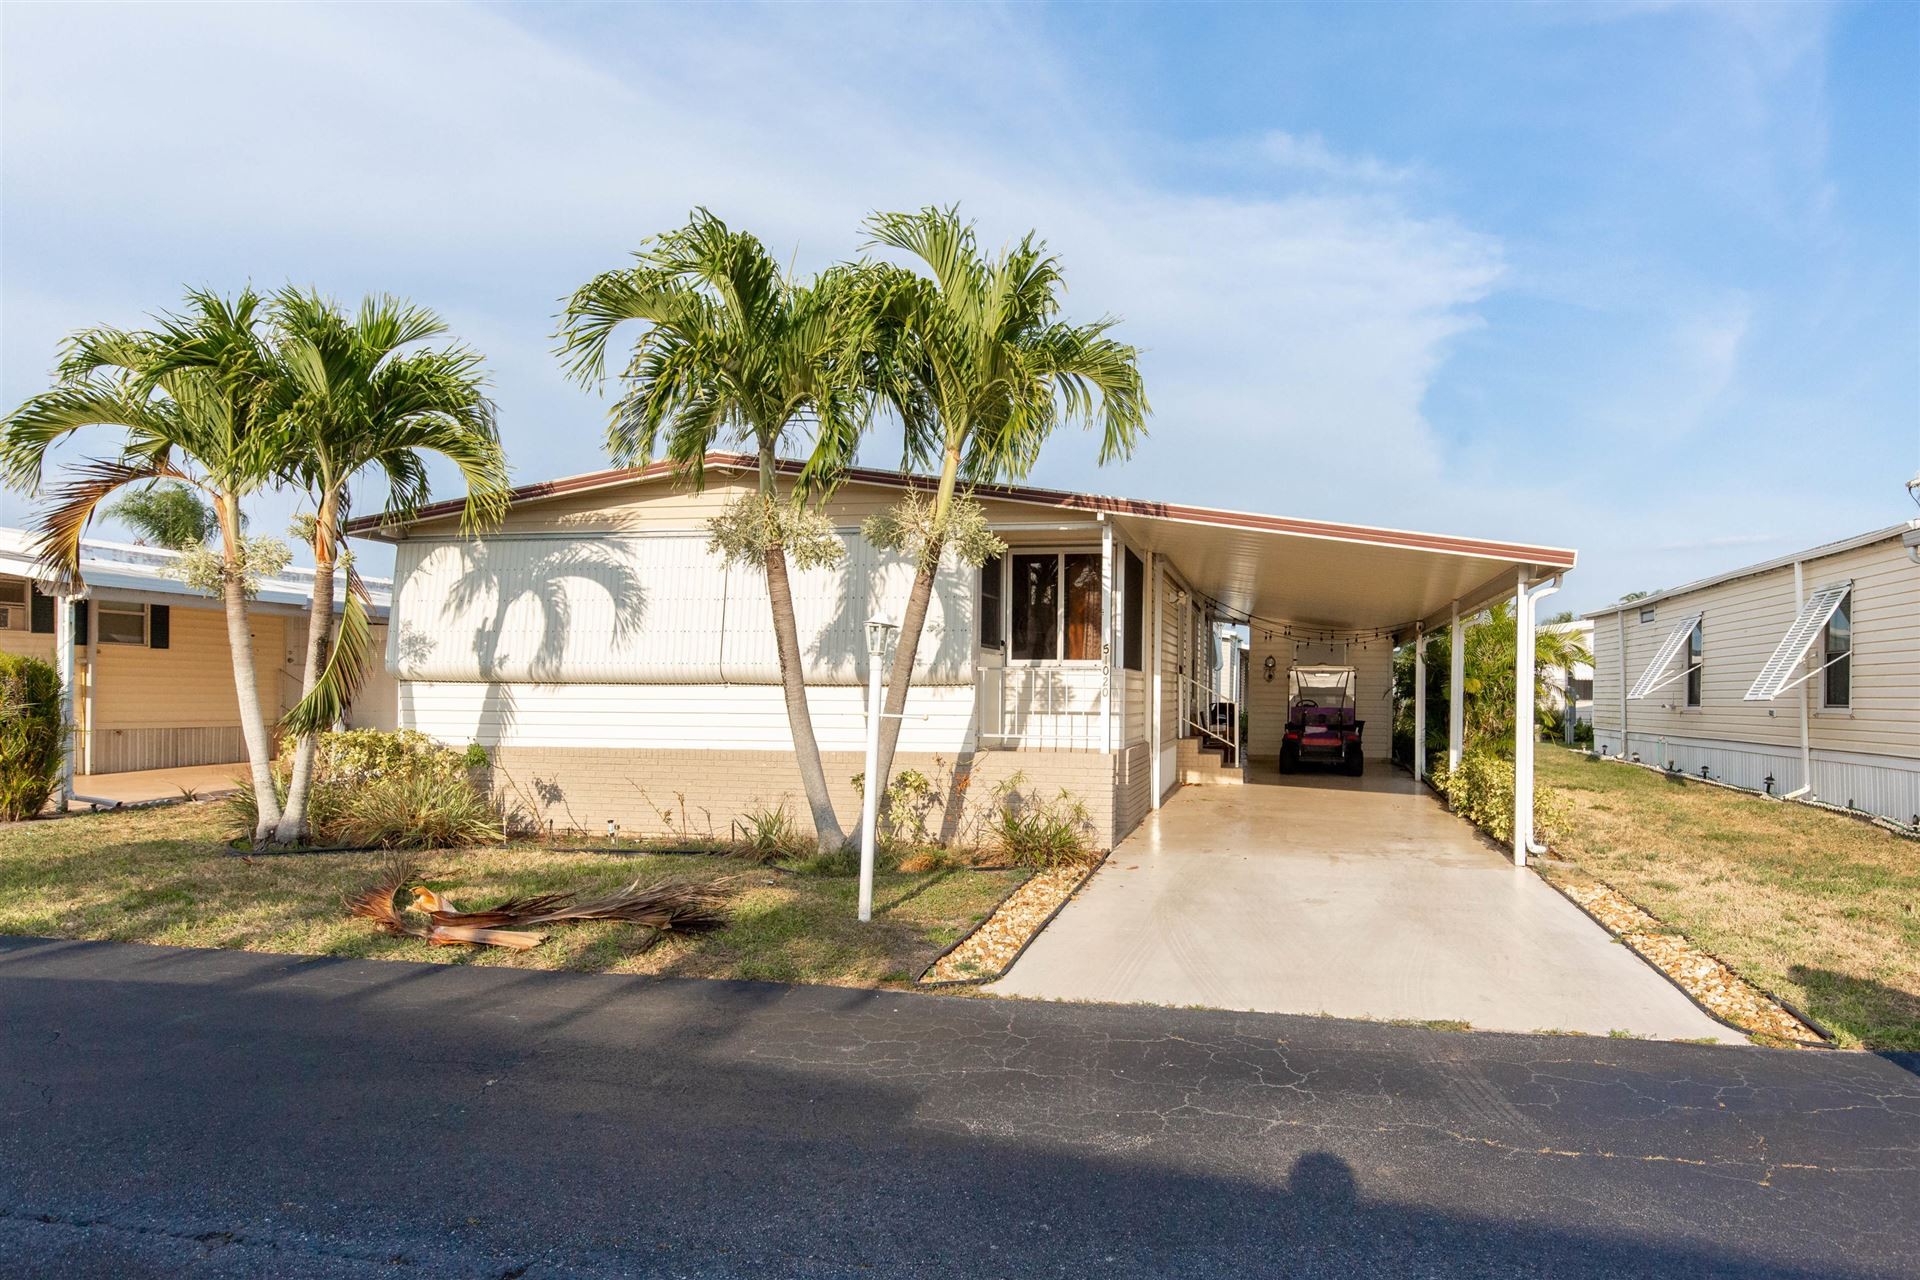 51020 Galina Bay, Boynton Beach, FL 33436 - MLS#: RX-10710666